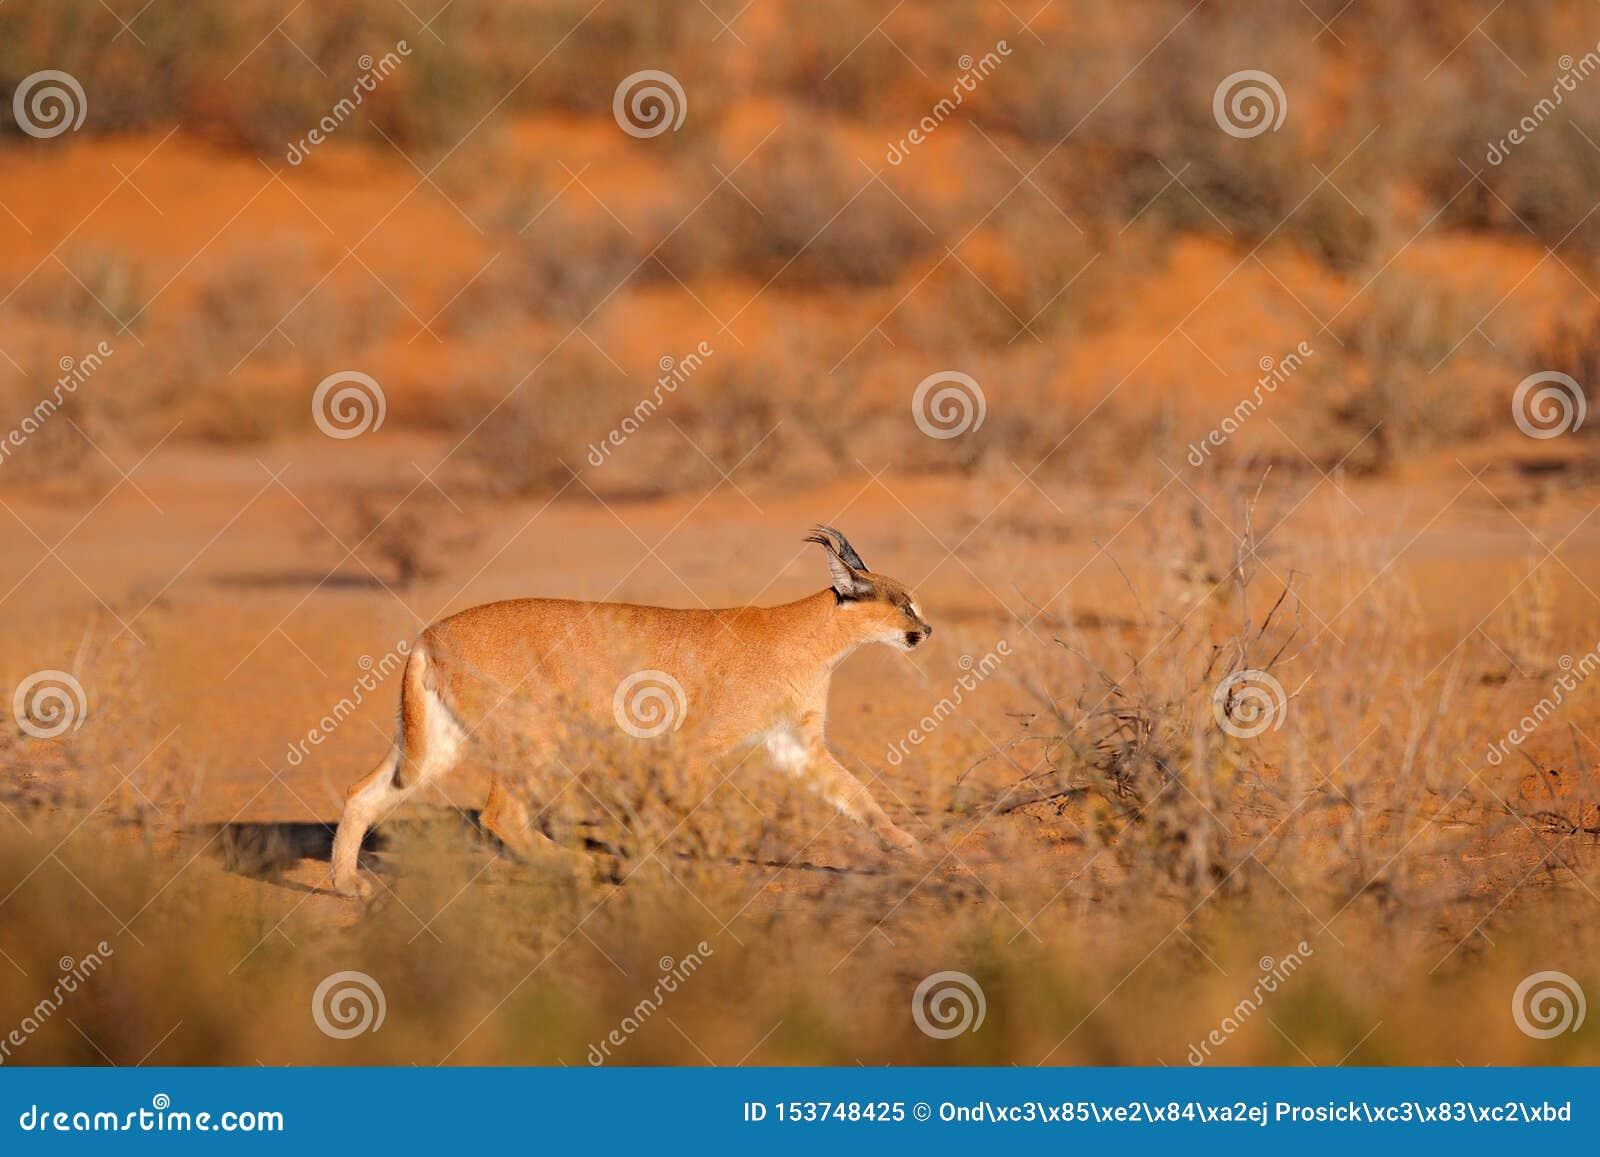 Caracal, lince africano, no deserto vermelho da areia Gato selvagem bonito no habitat da natureza, Kgalagadi, Botswana, África do